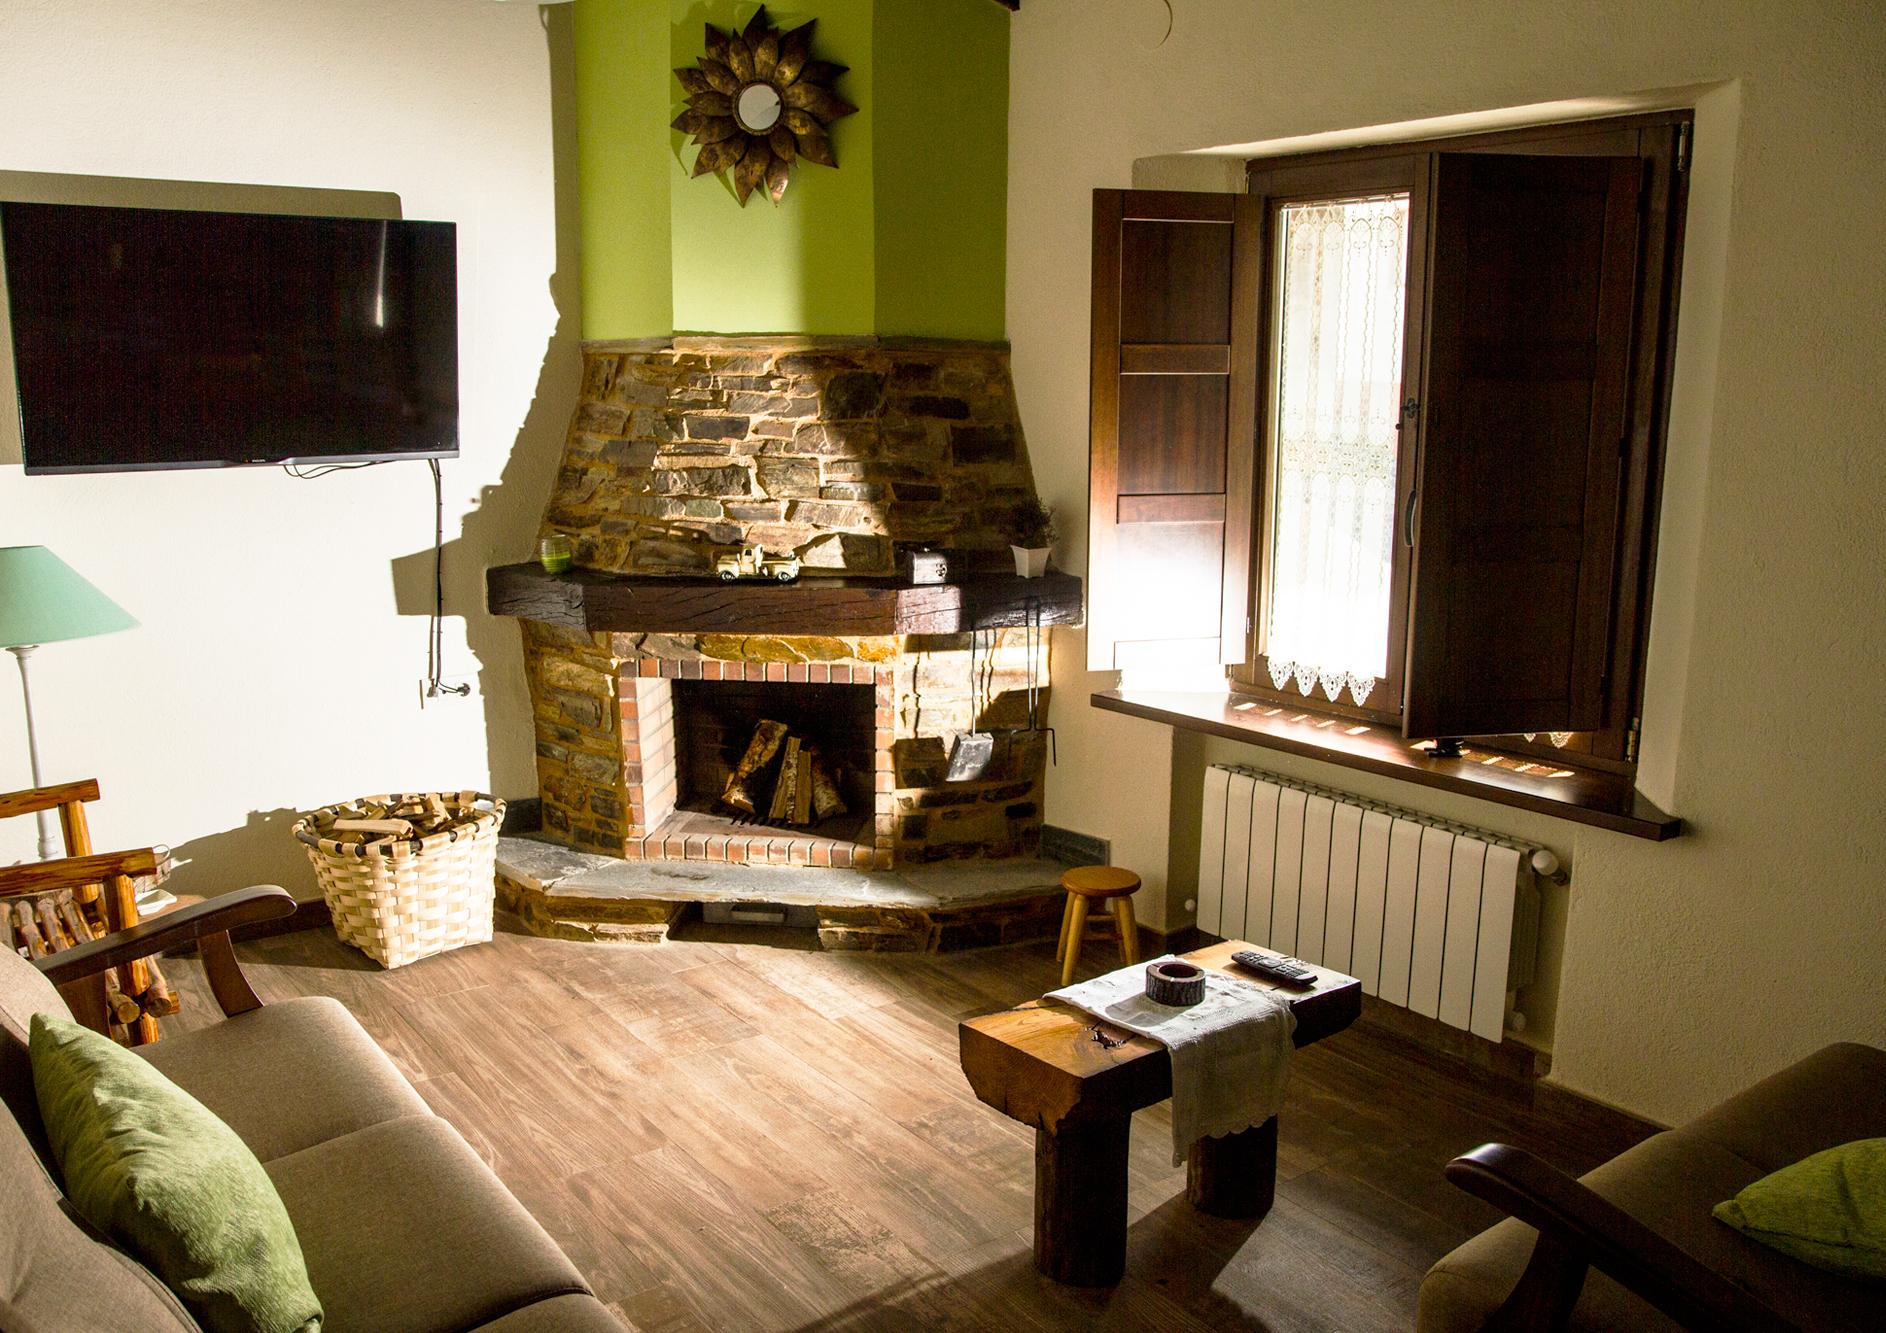 Salon cocina con chimenea del apartamento Castelao